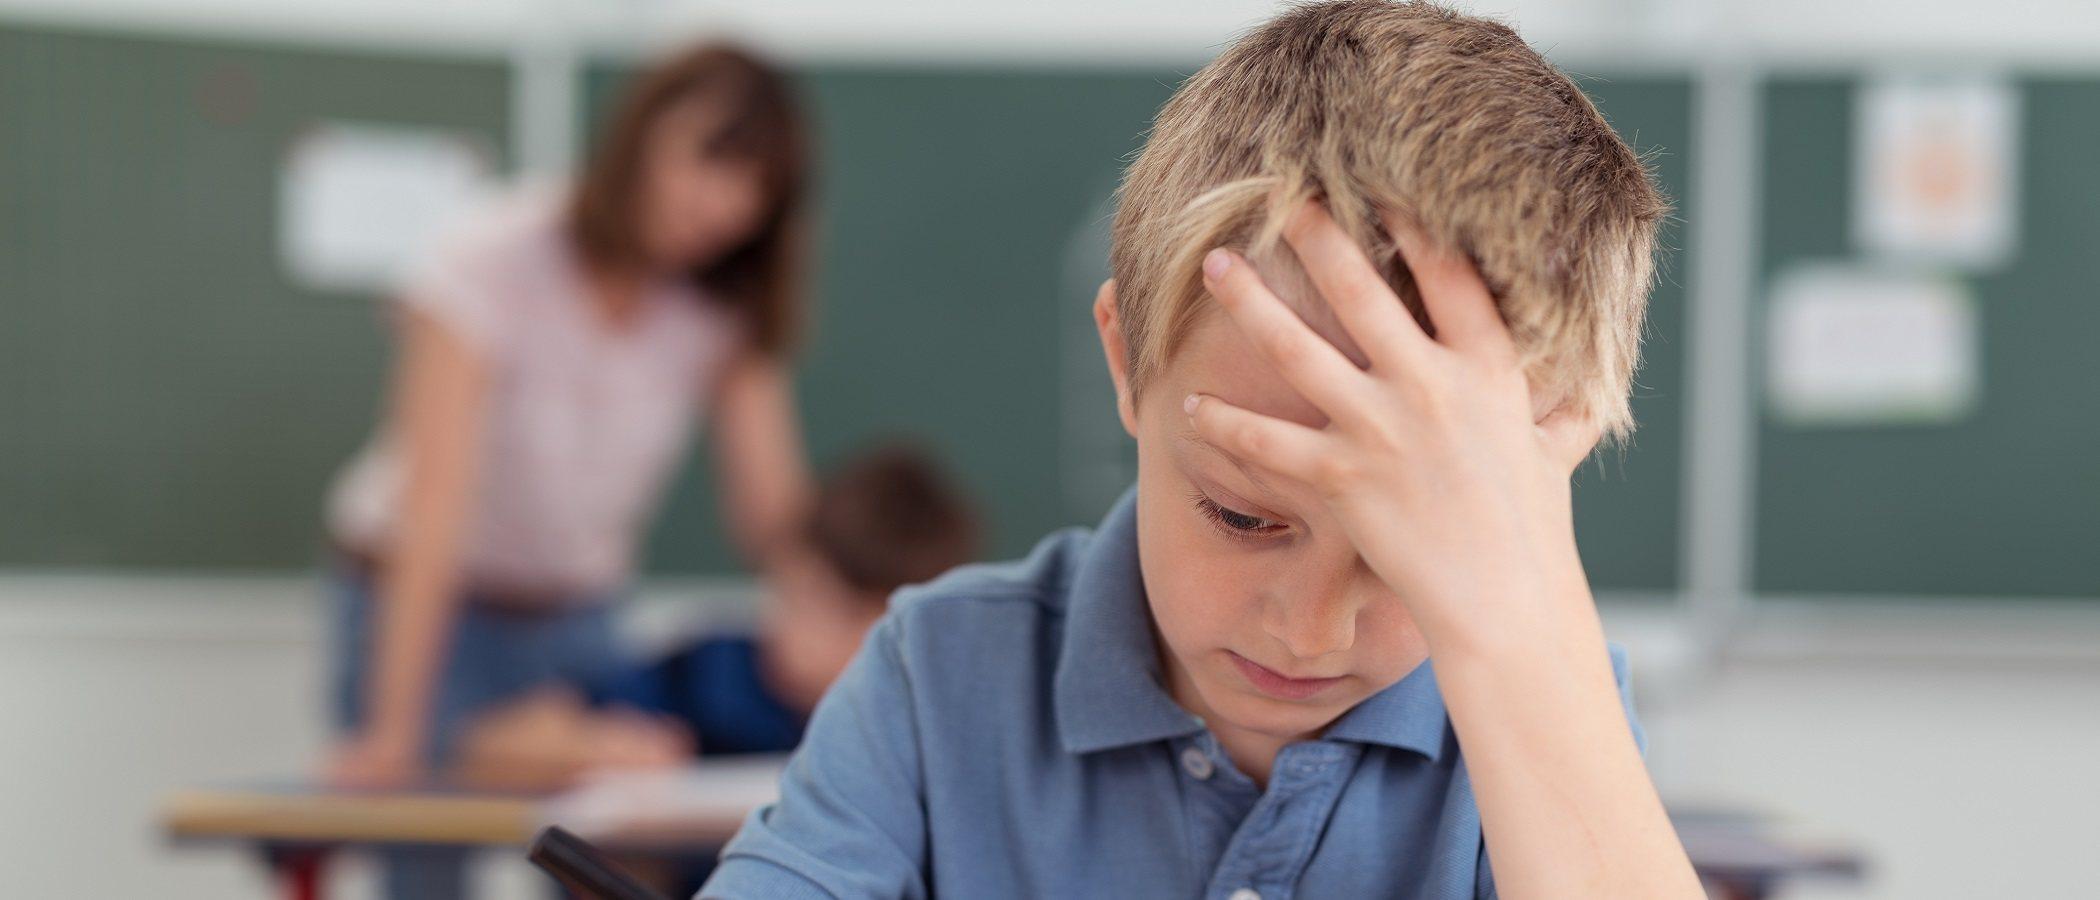 Cómo ayudar a los hijos cuando tienen estrés por los deberes